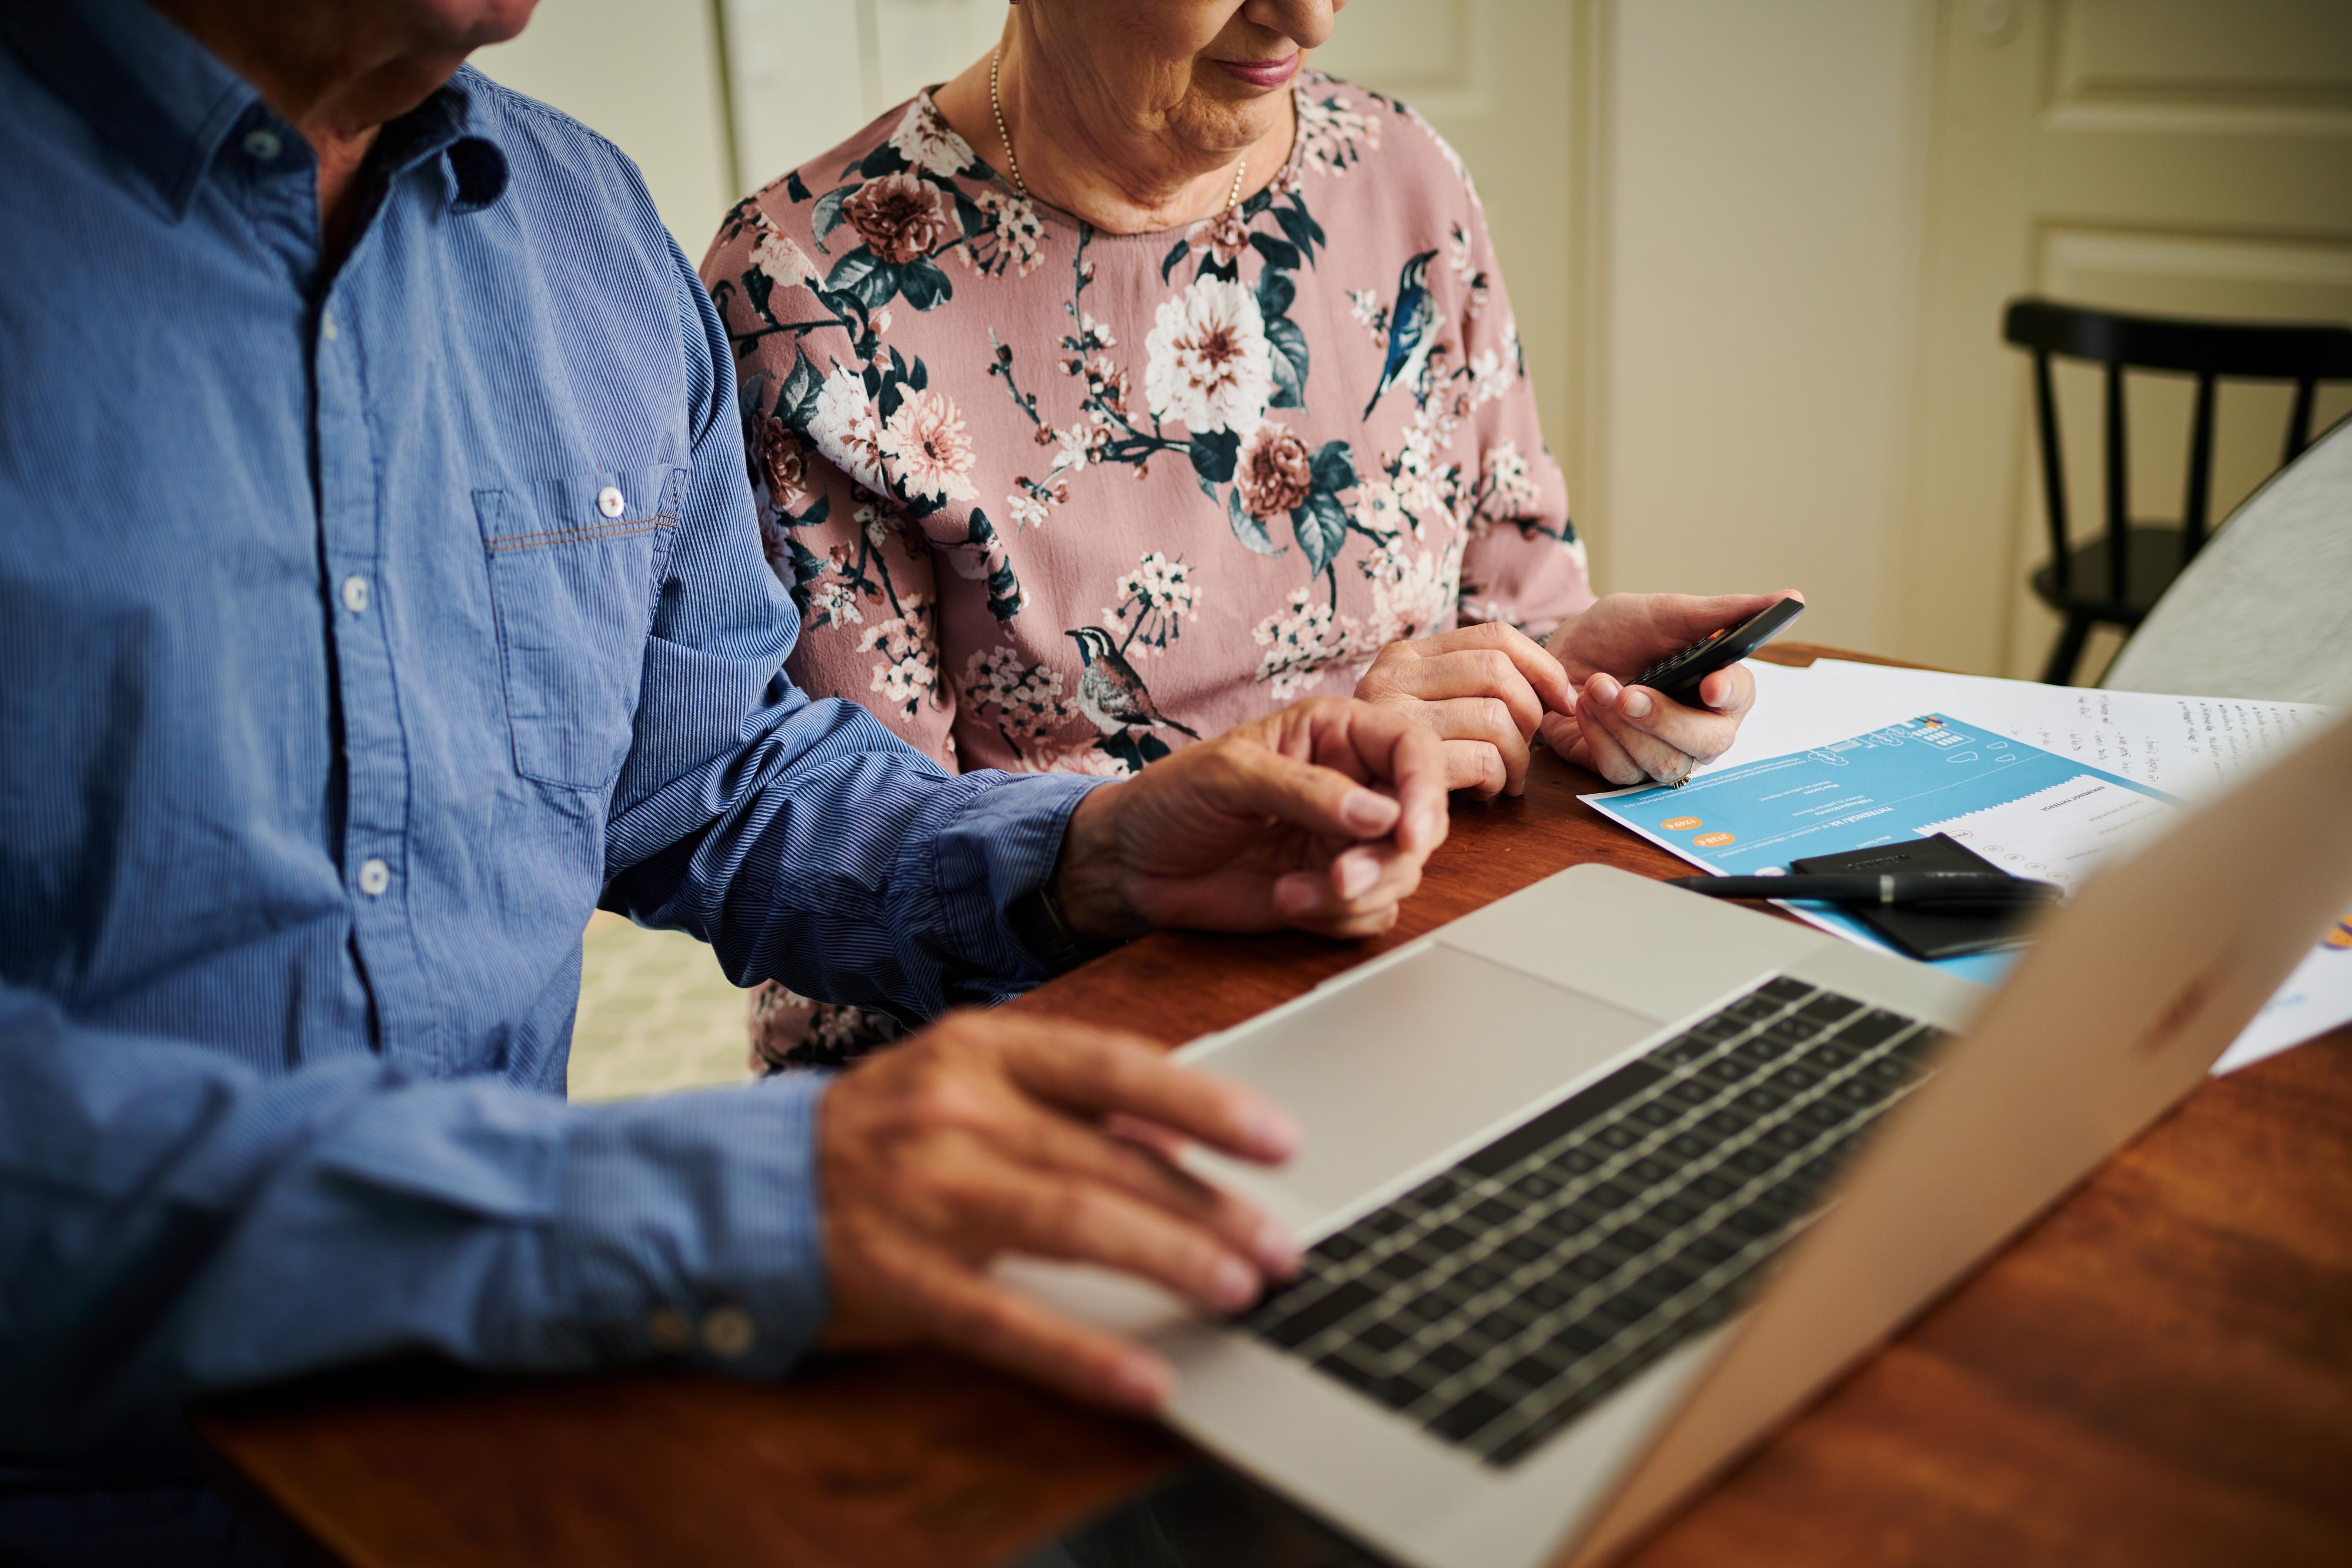 Vanhempi pariskunta tietokoneella